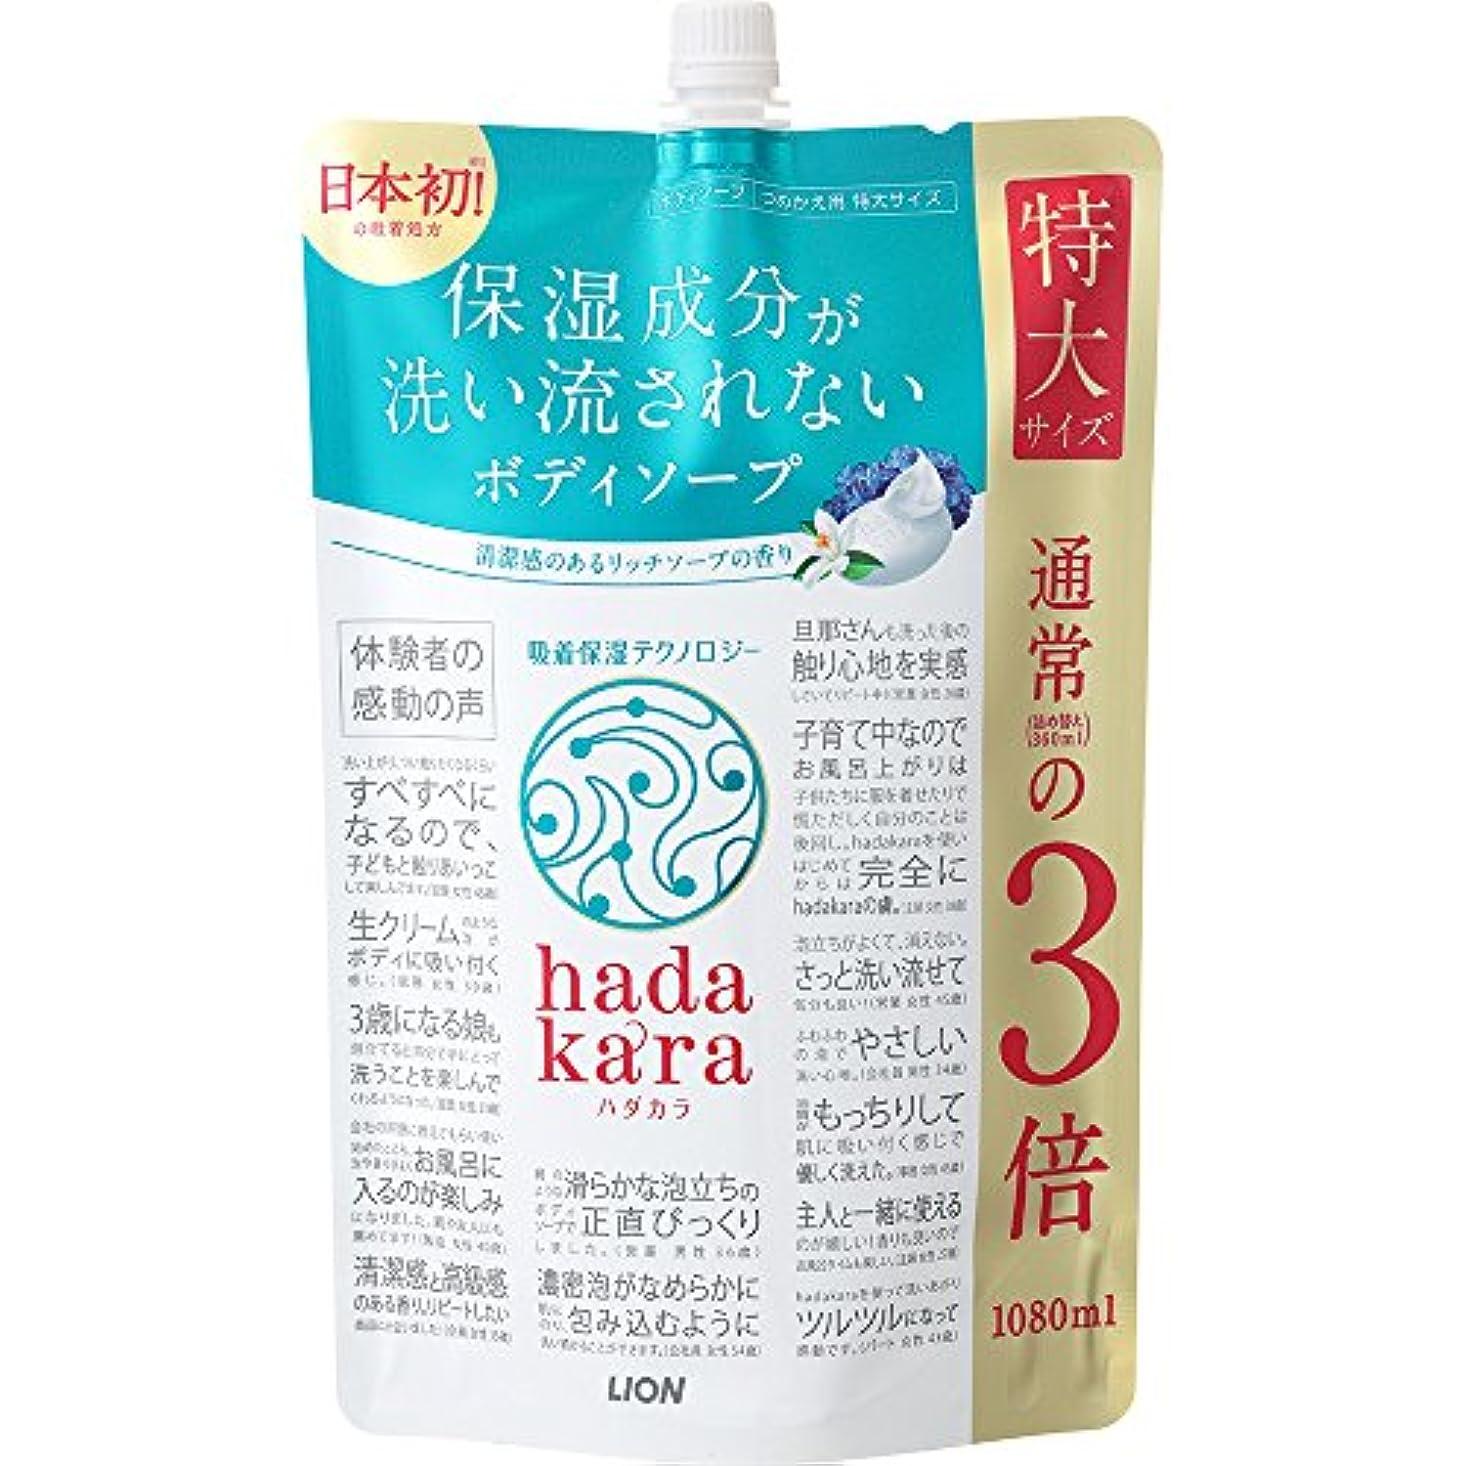 それ恐怖症期限【大容量】hadakara(ハダカラ) ボディソープ リッチソープの香り 詰め替え 特大 1080ml